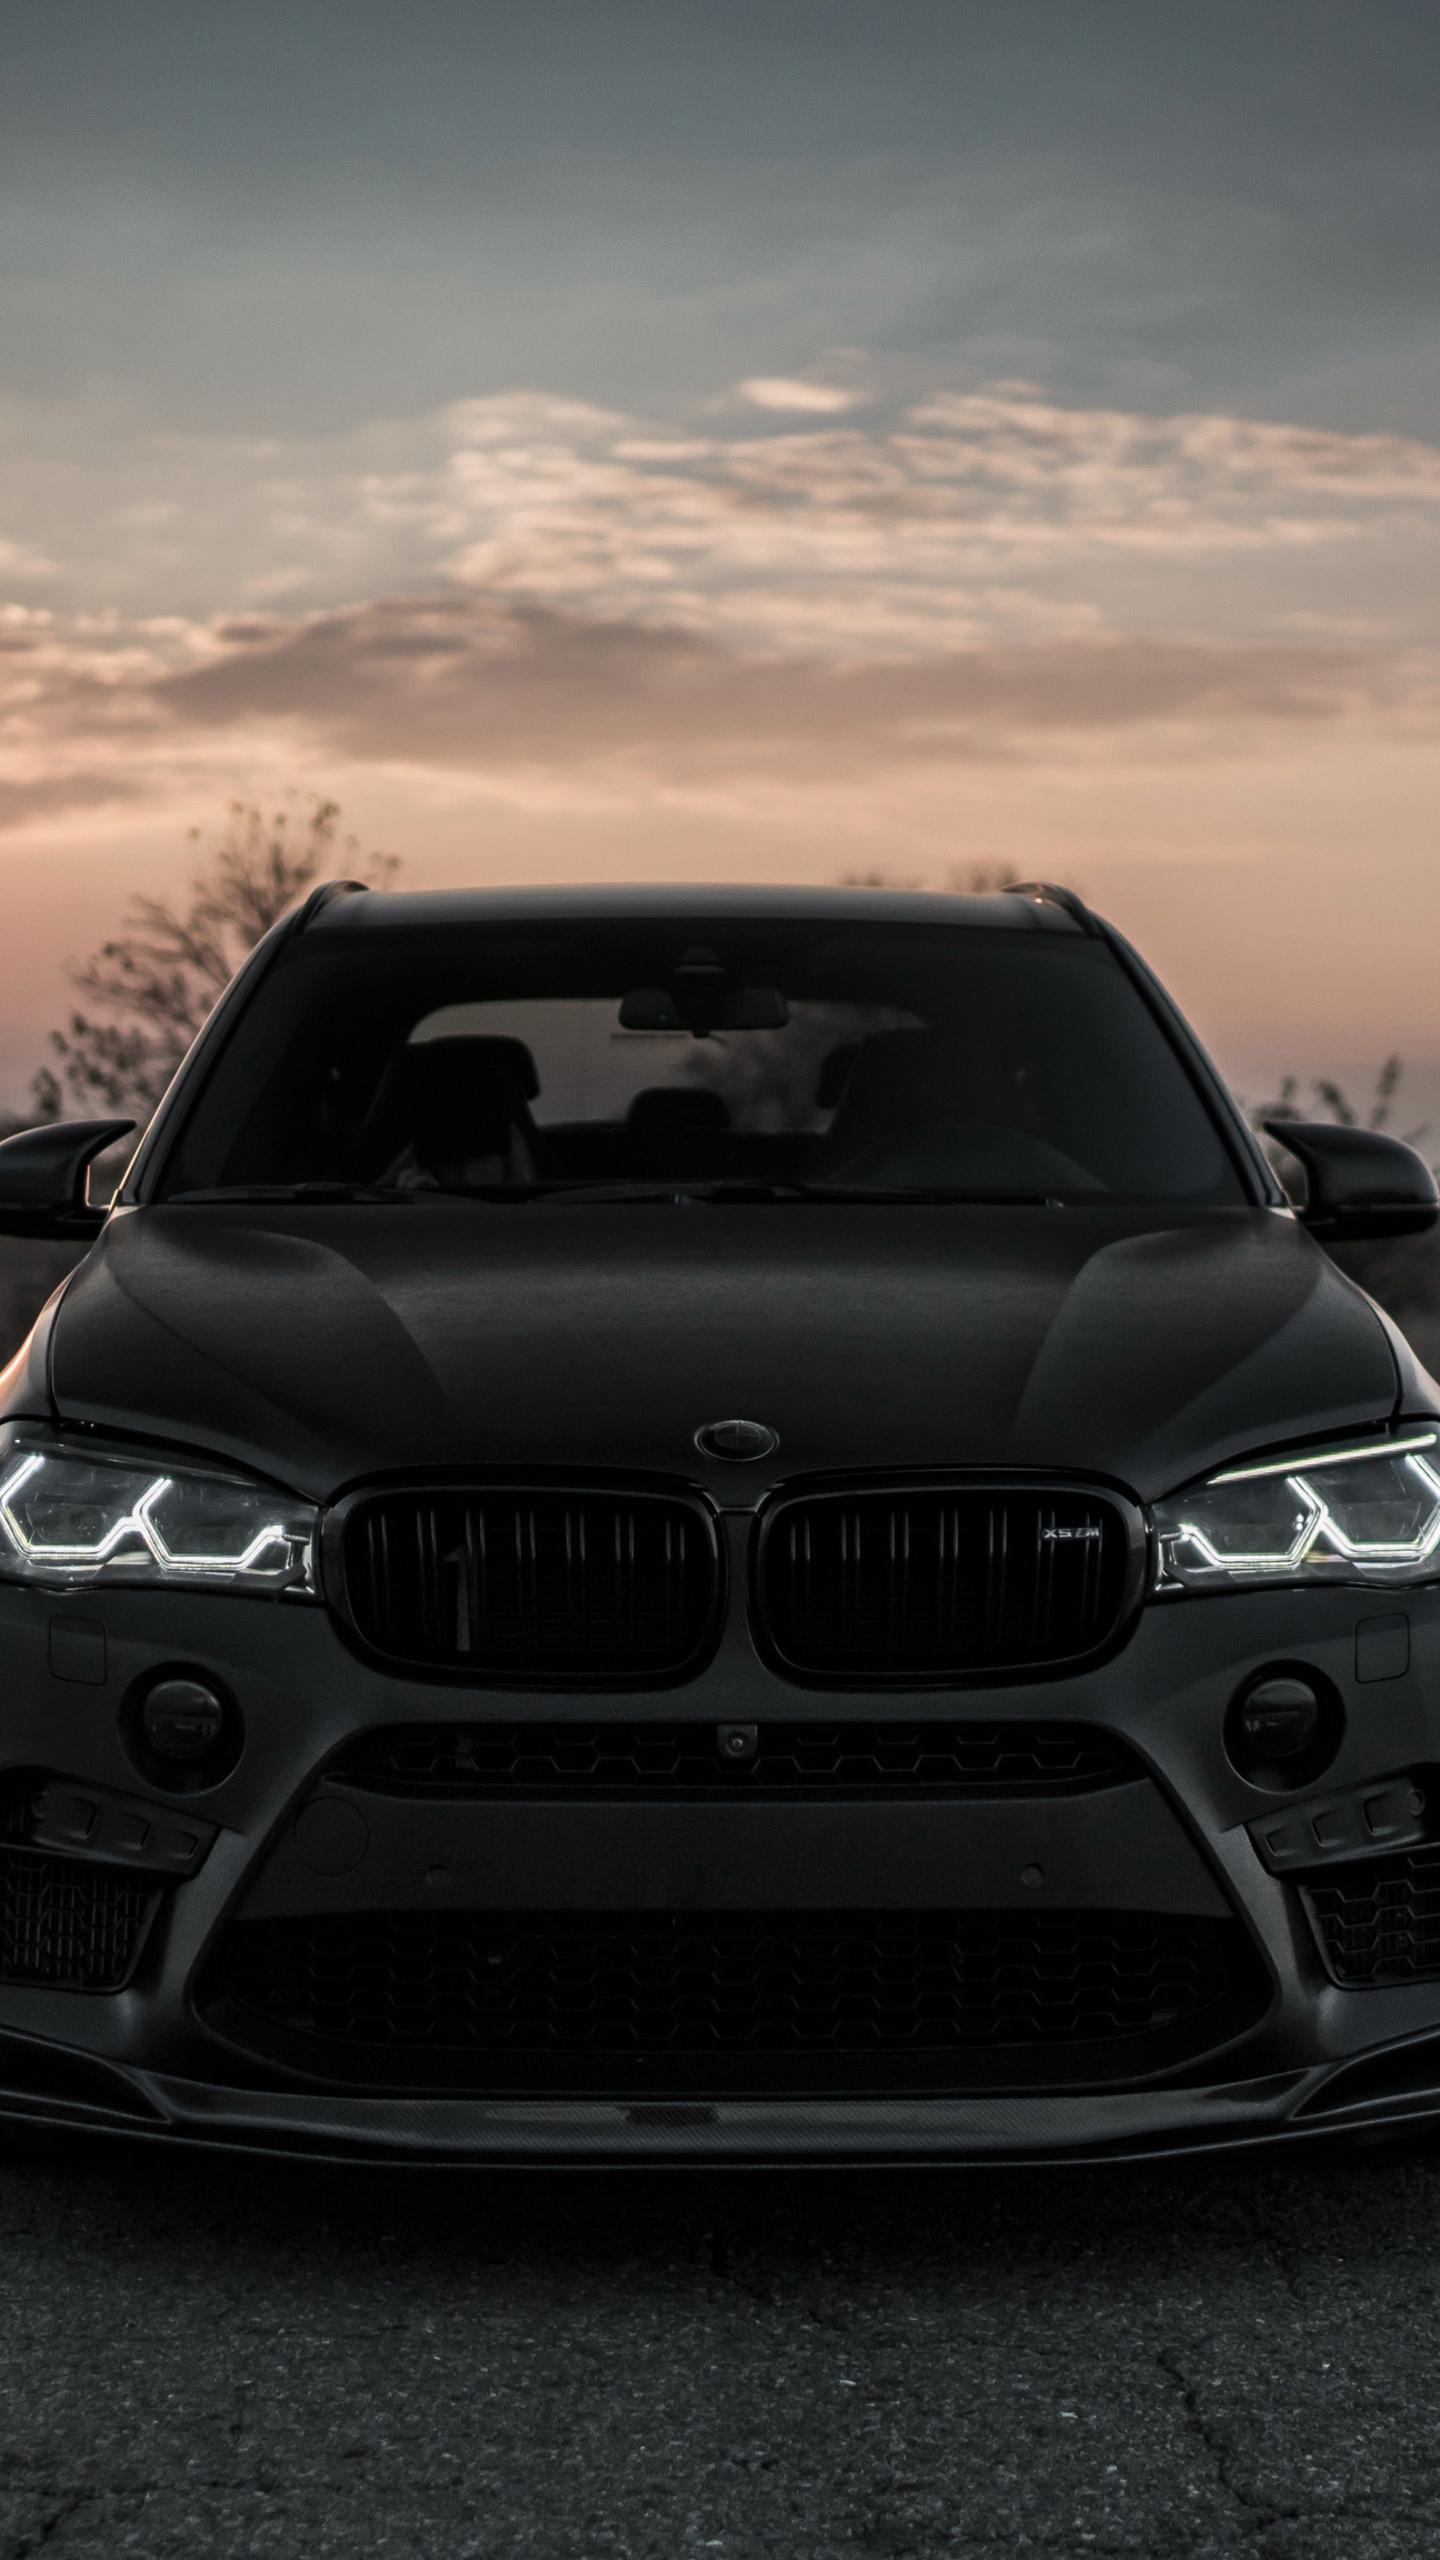 1440x2560 2018 BMW X5 Z Performance Samsung Galaxy S6,S7 ,Google ...